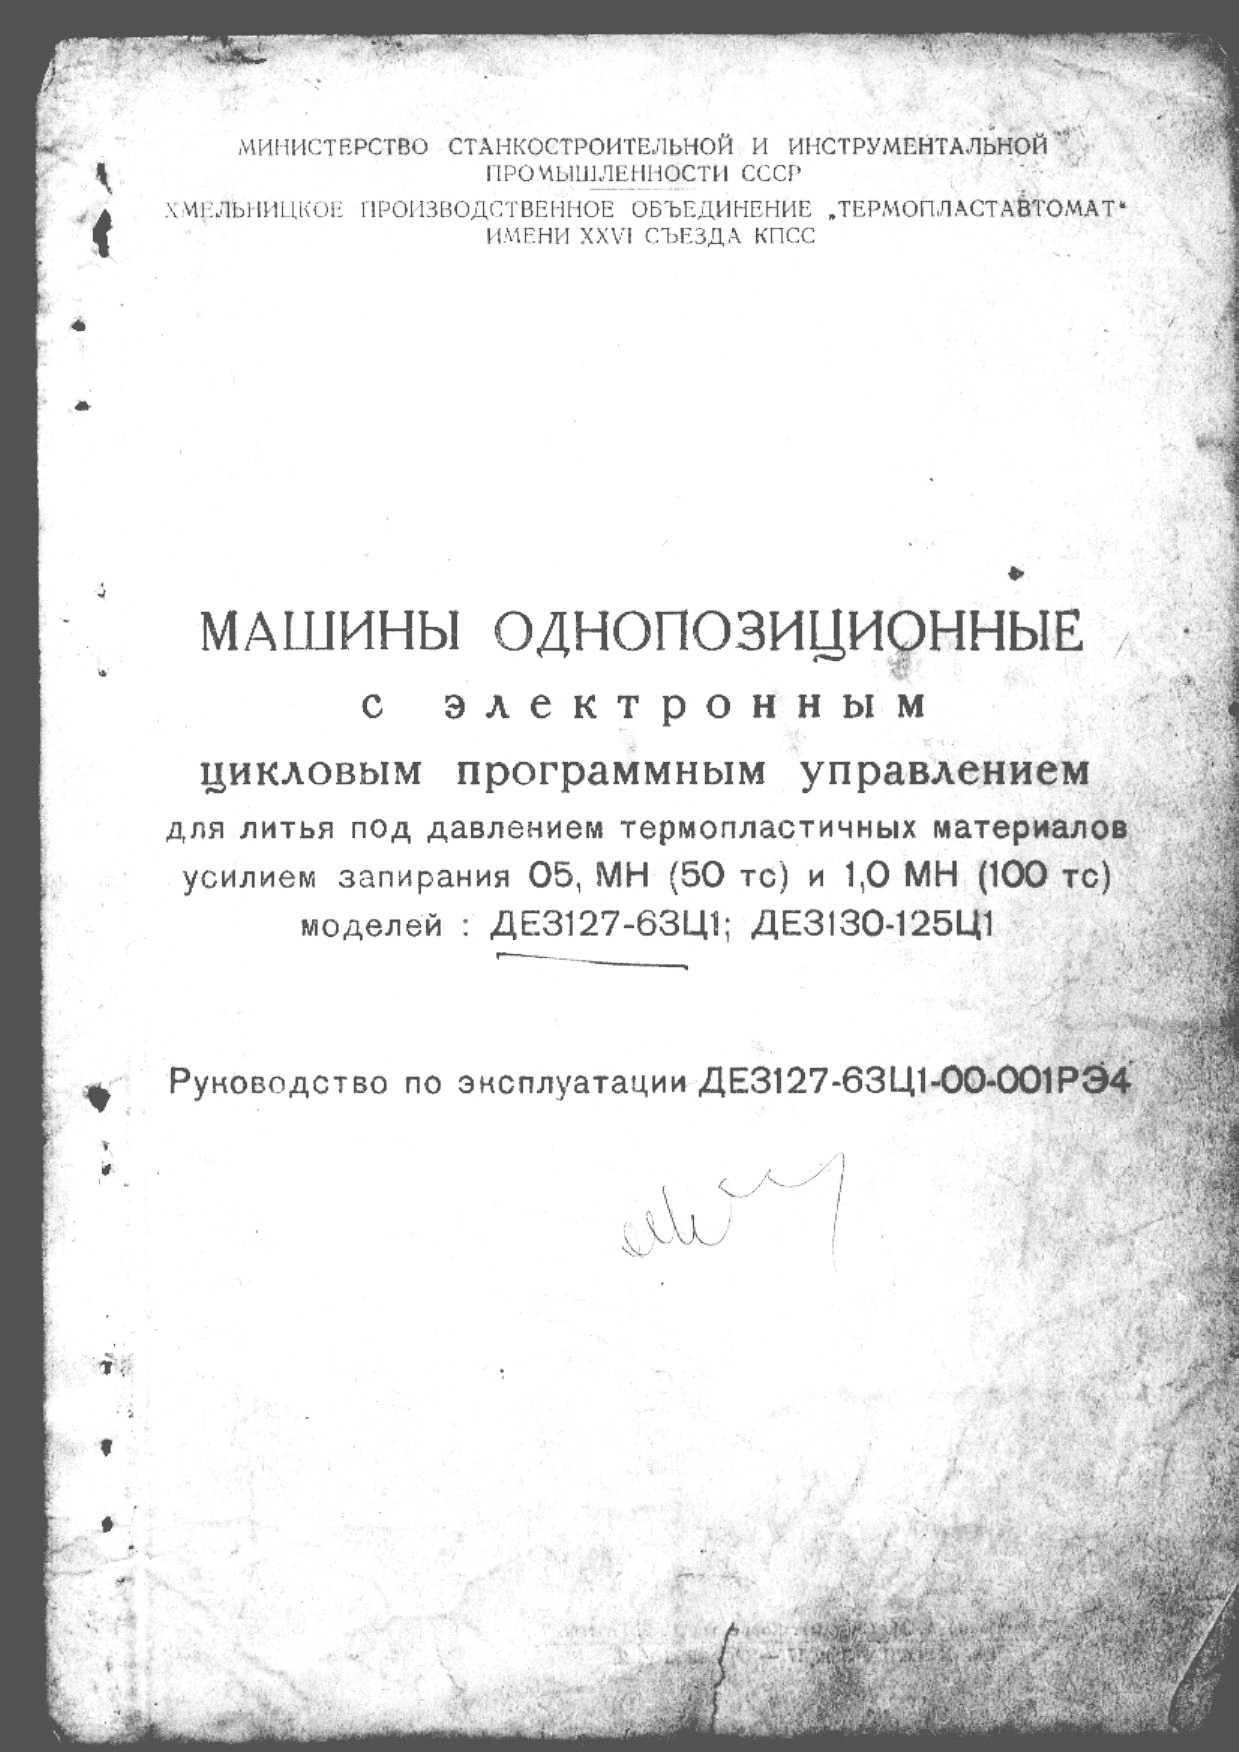 ПАСПОРТ ДЕ3127-63 СКАЧАТЬ БЕСПЛАТНО